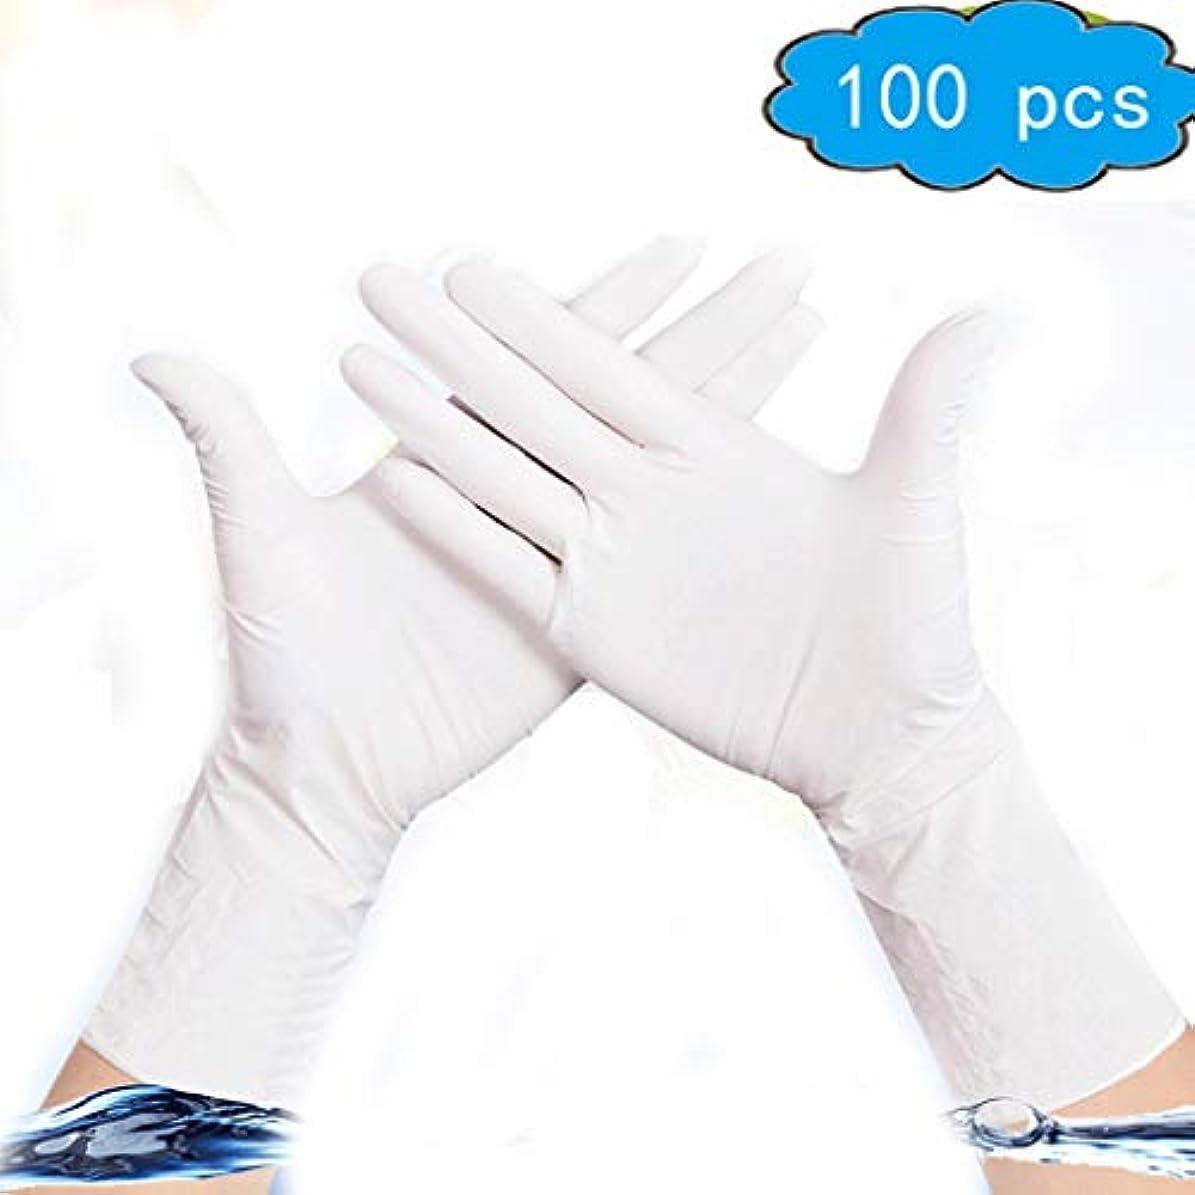 情熱チラチラする遵守する使い捨てニトリル手袋、無粉末、滑らかな肌触り、食品グレード、非滅菌[100パック]、サニタリー手袋、家庭用品、ツール&ホームインプルーブメント (Color : White, Size : XS)